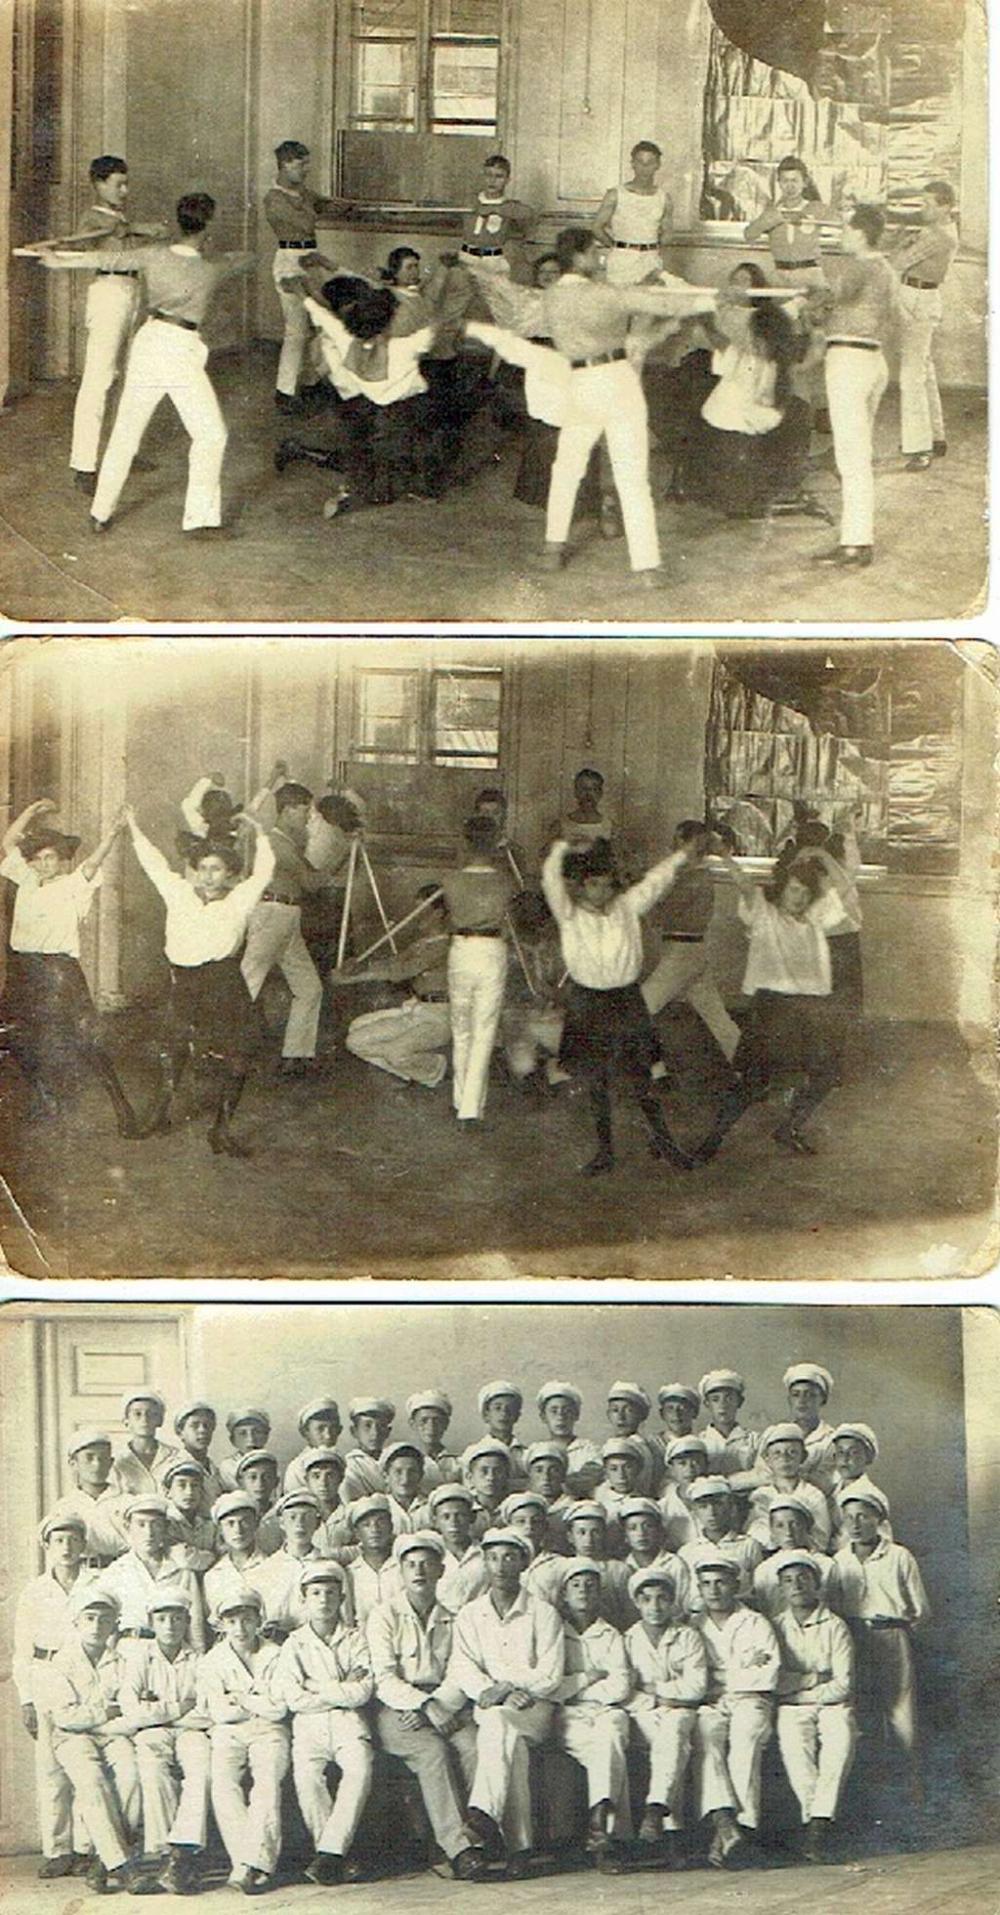 3 photos of Jewish Maccabi Athletes Poland, 1921-22, PC size.